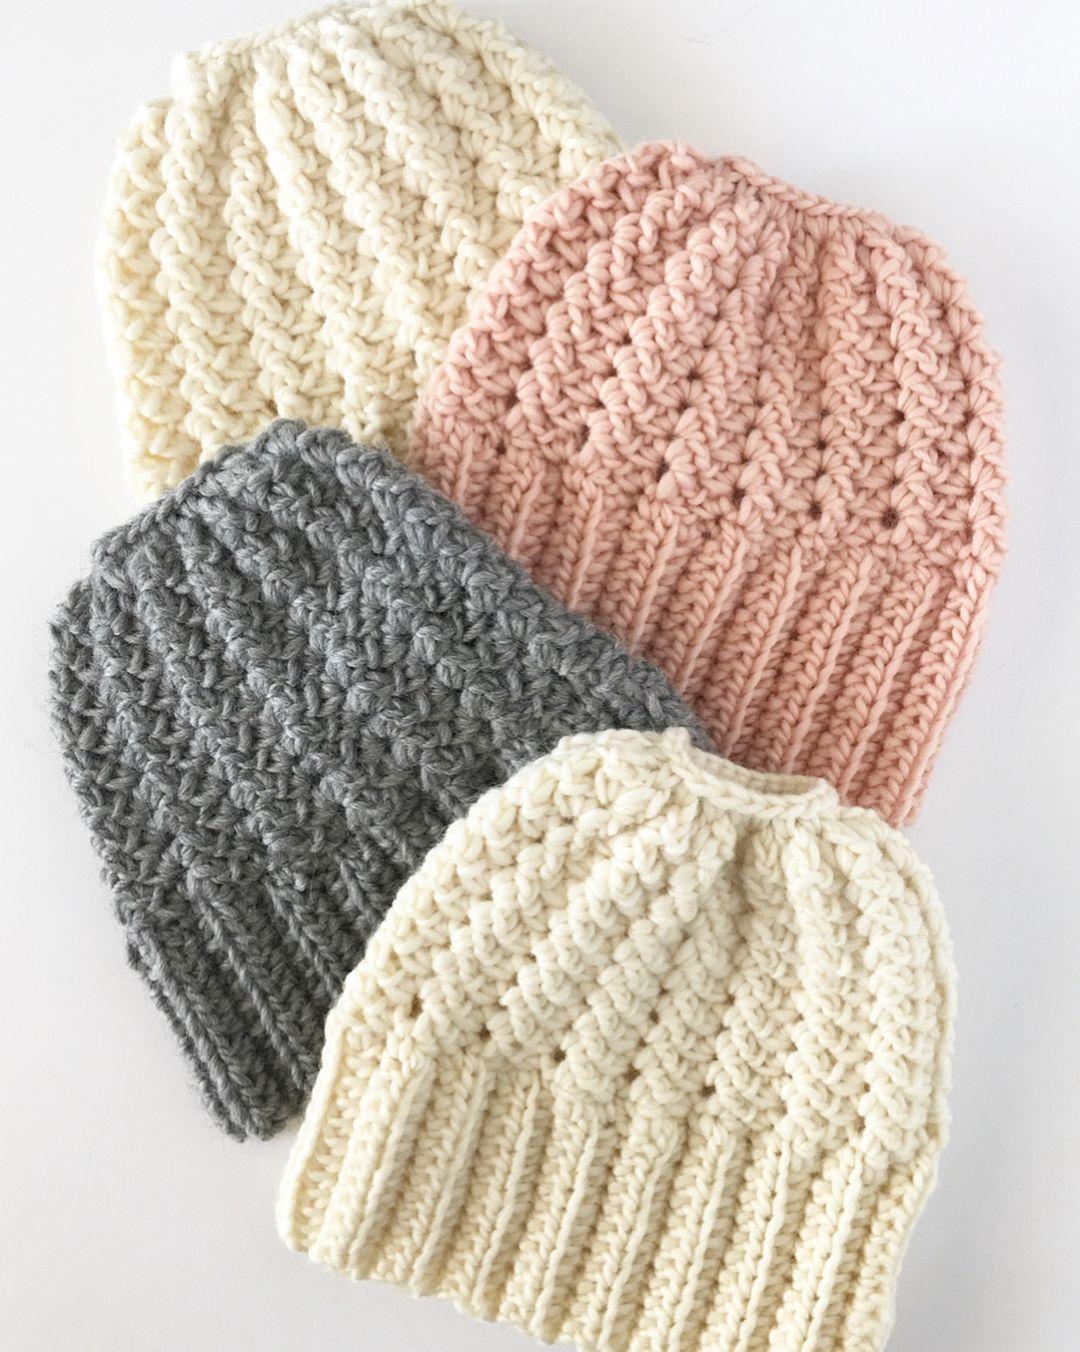 Crochet Bun Beanie Hats Daisy Farm Crafts Daisy Farm Crafts